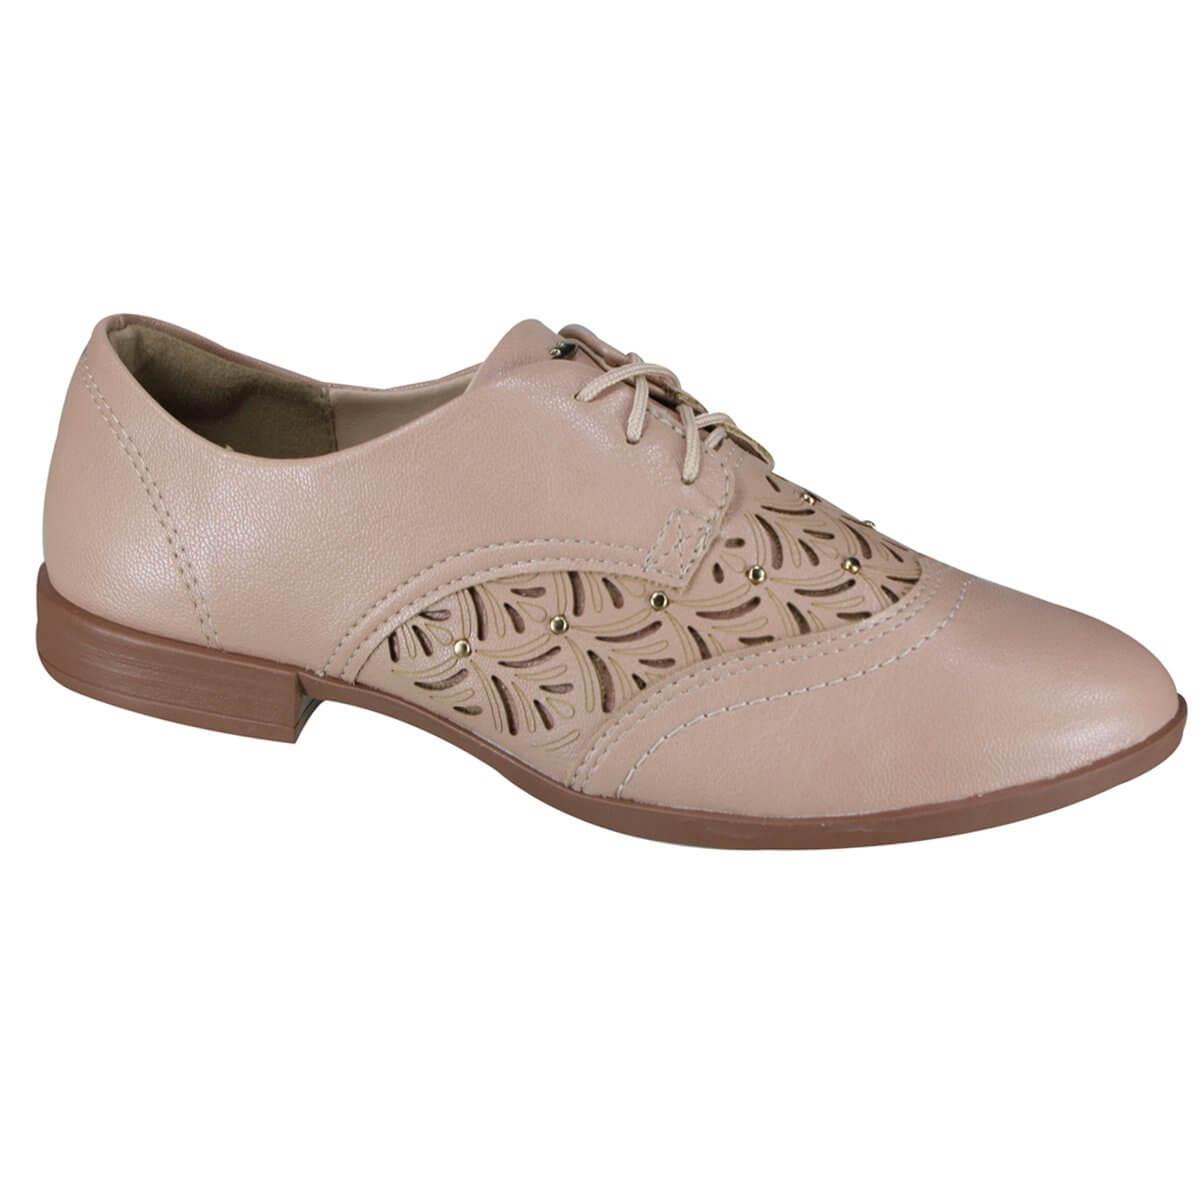 00198eb62 Sapato Feminino Dakota Oxford B9842 0008 - Noz (Portofino ...